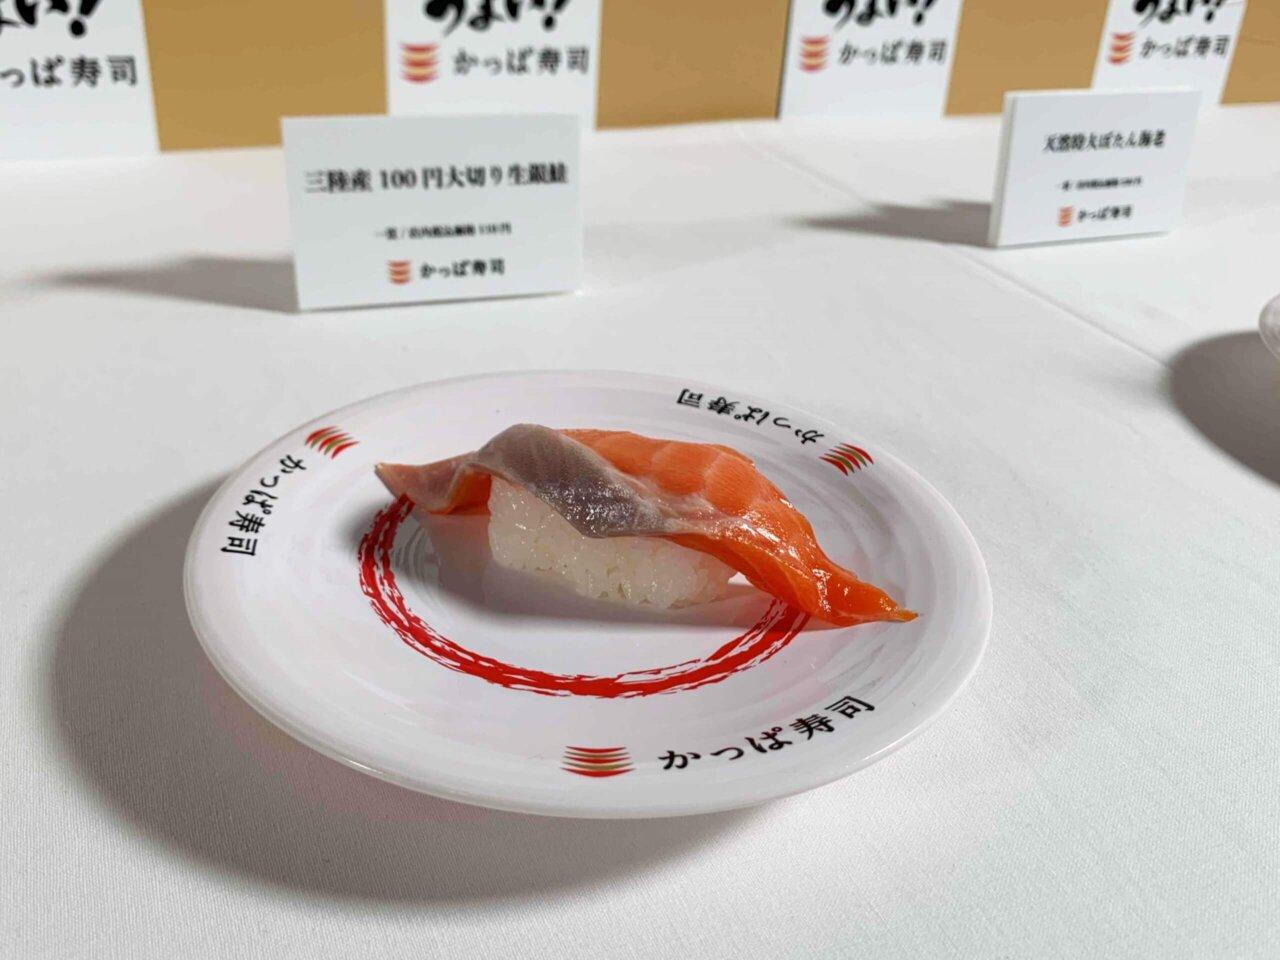 かっぱ寿司三陸産100円大切り生銀鮭